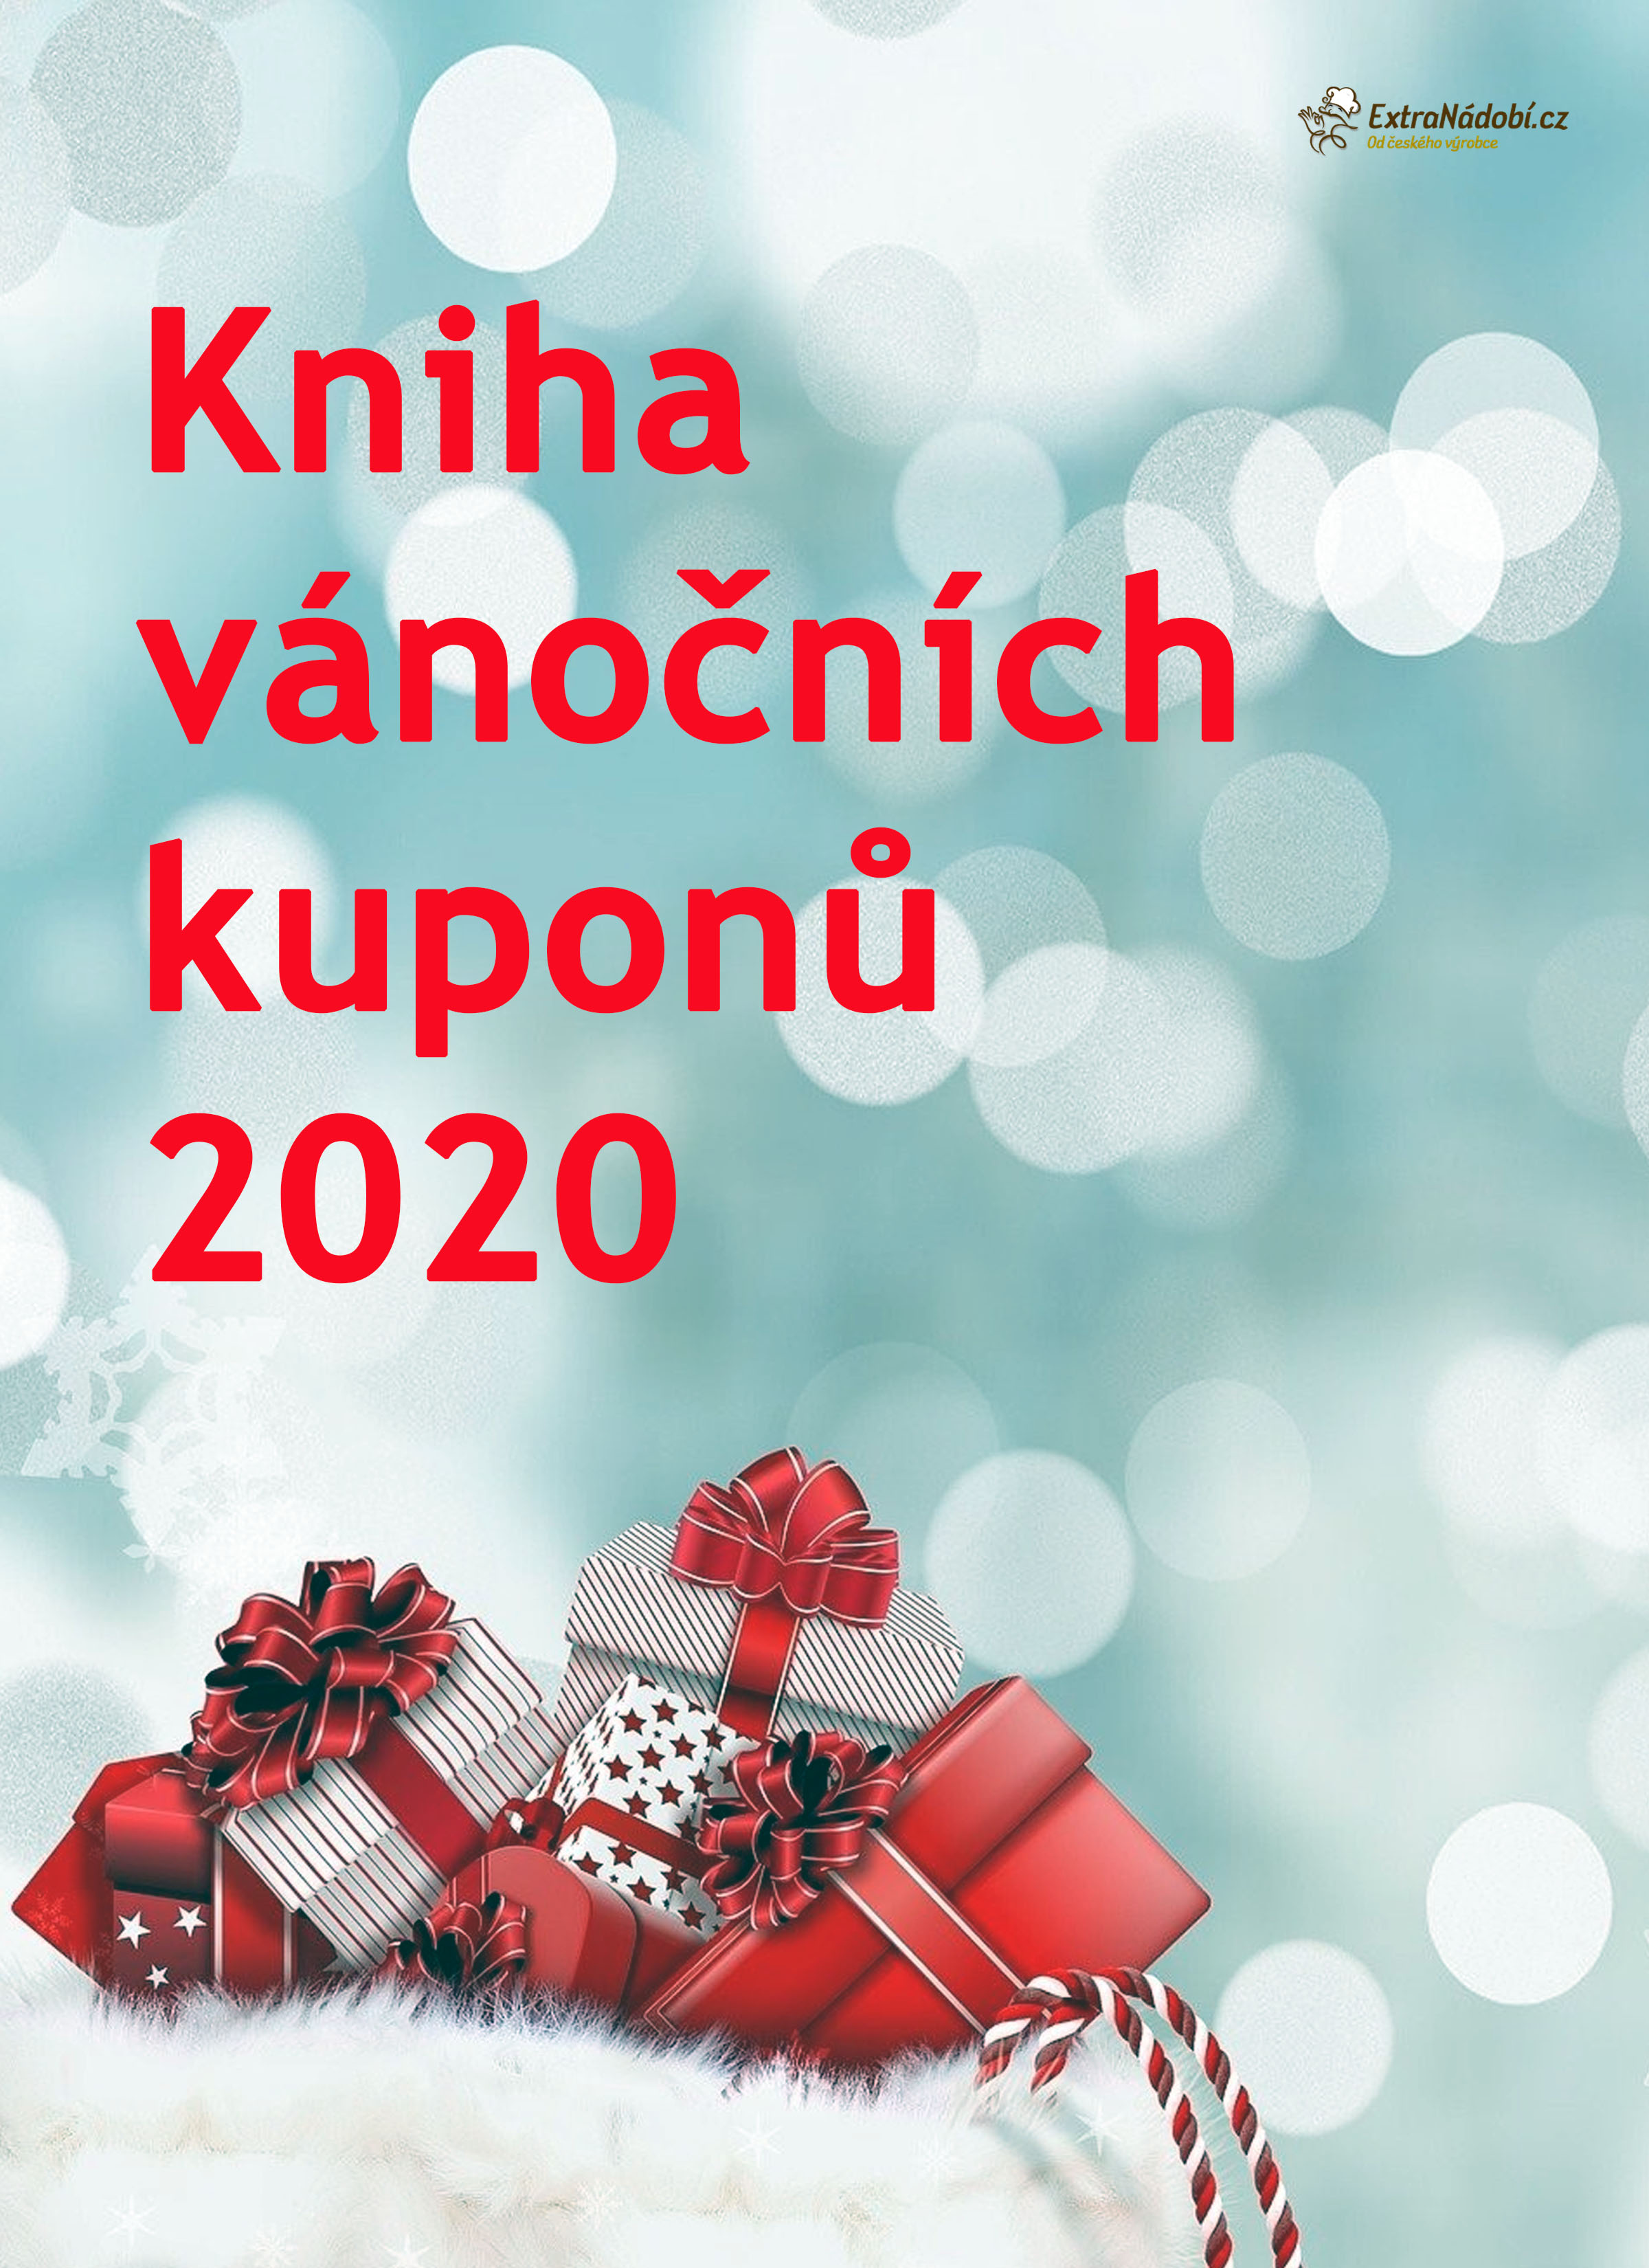 Kniha vánočních kuponů